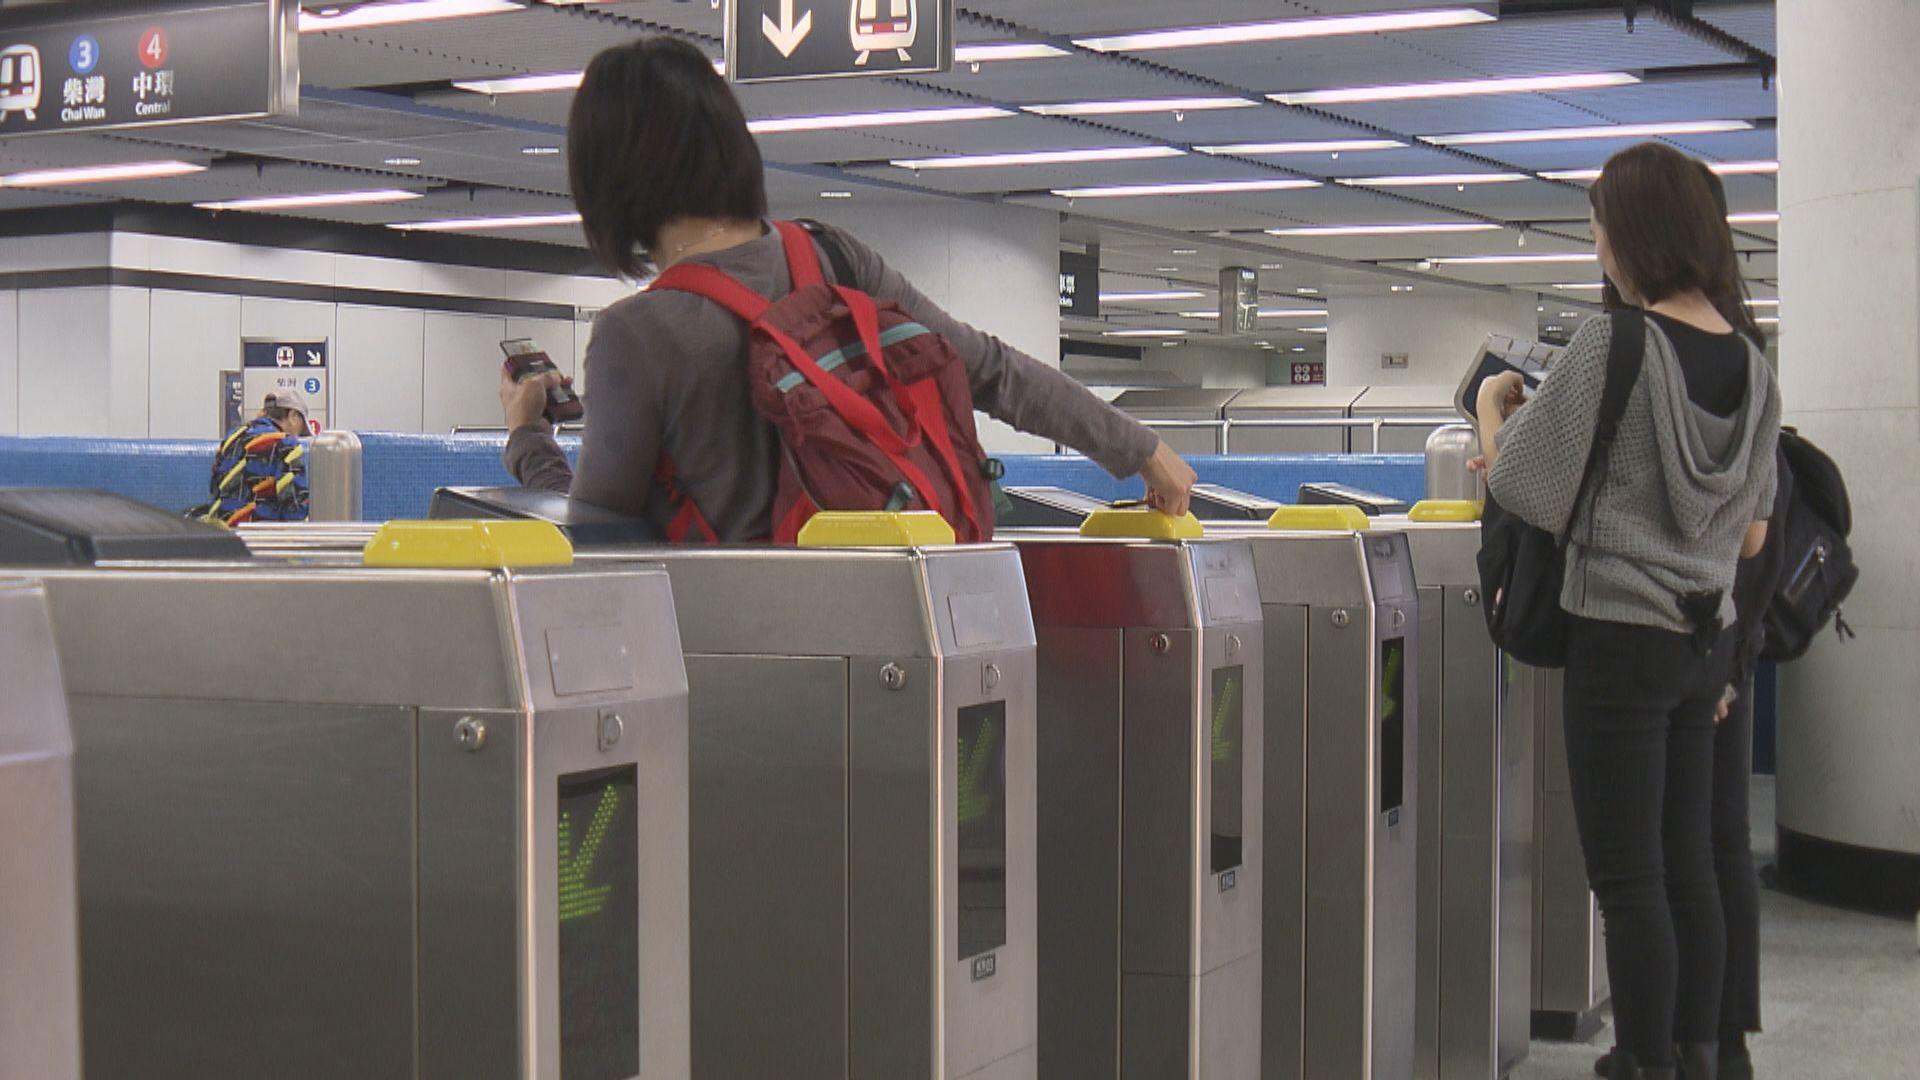 八達通澄清消費券是否涵蓋公共交通費由政府公布